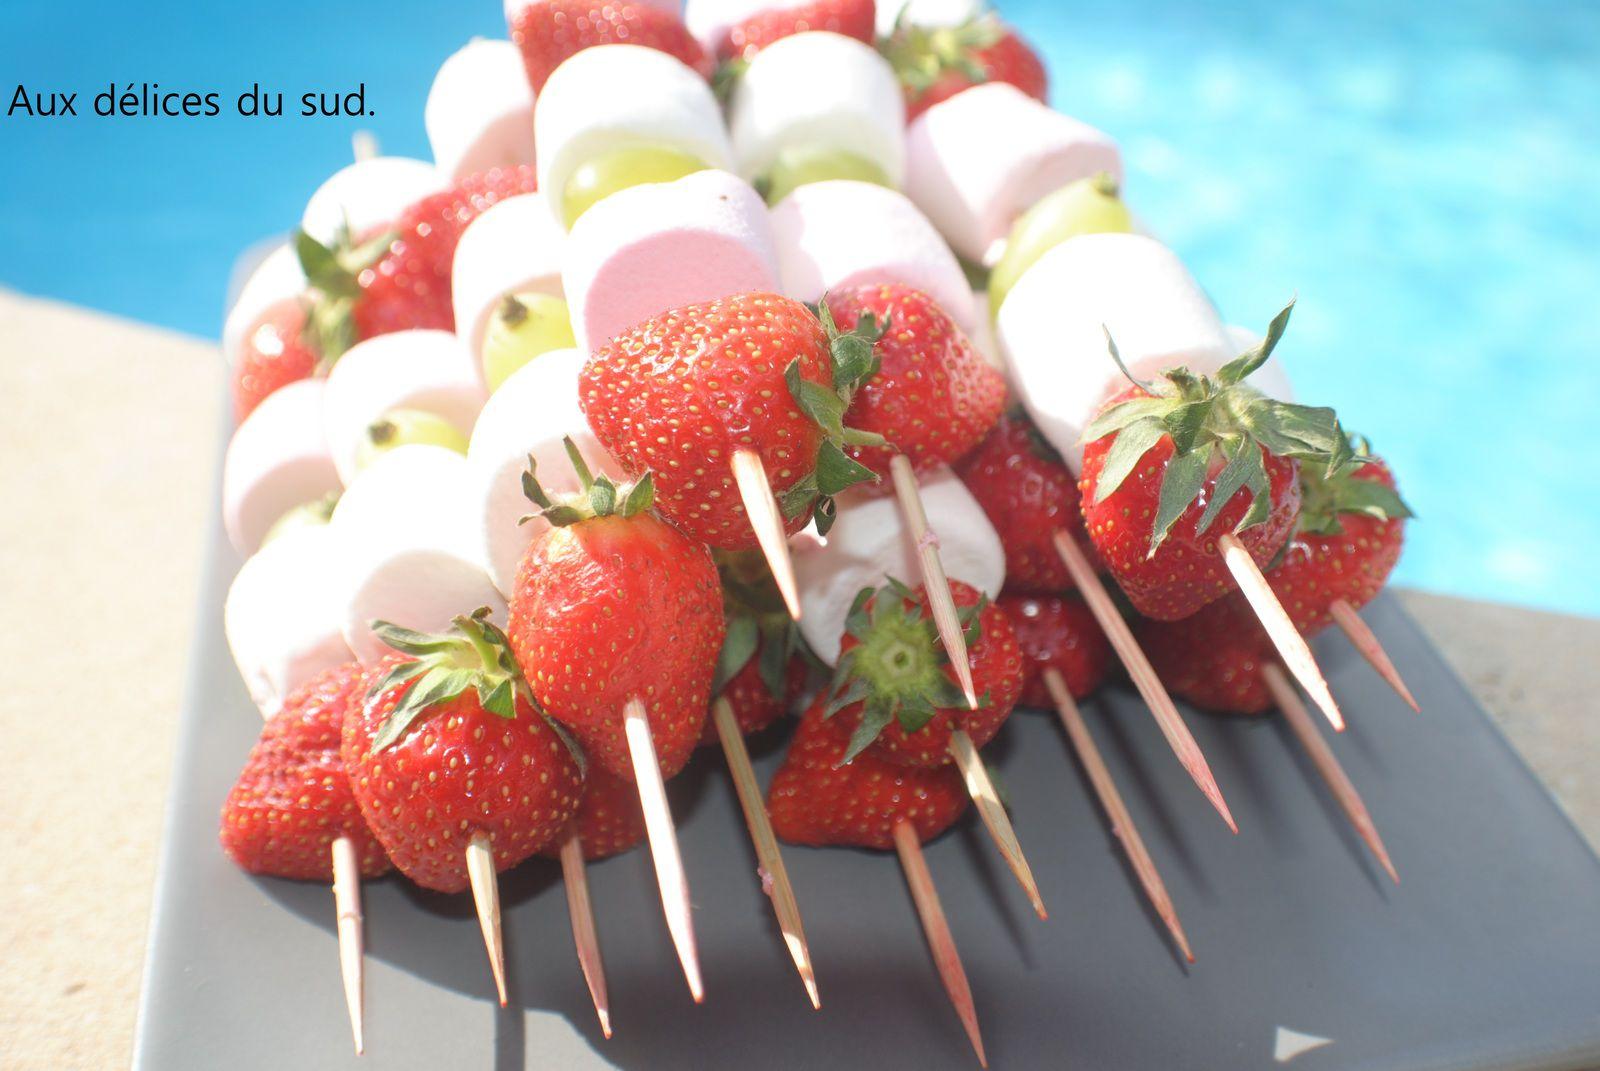 Brochettes de marshmallows et fruits pour apéro dinatoire .